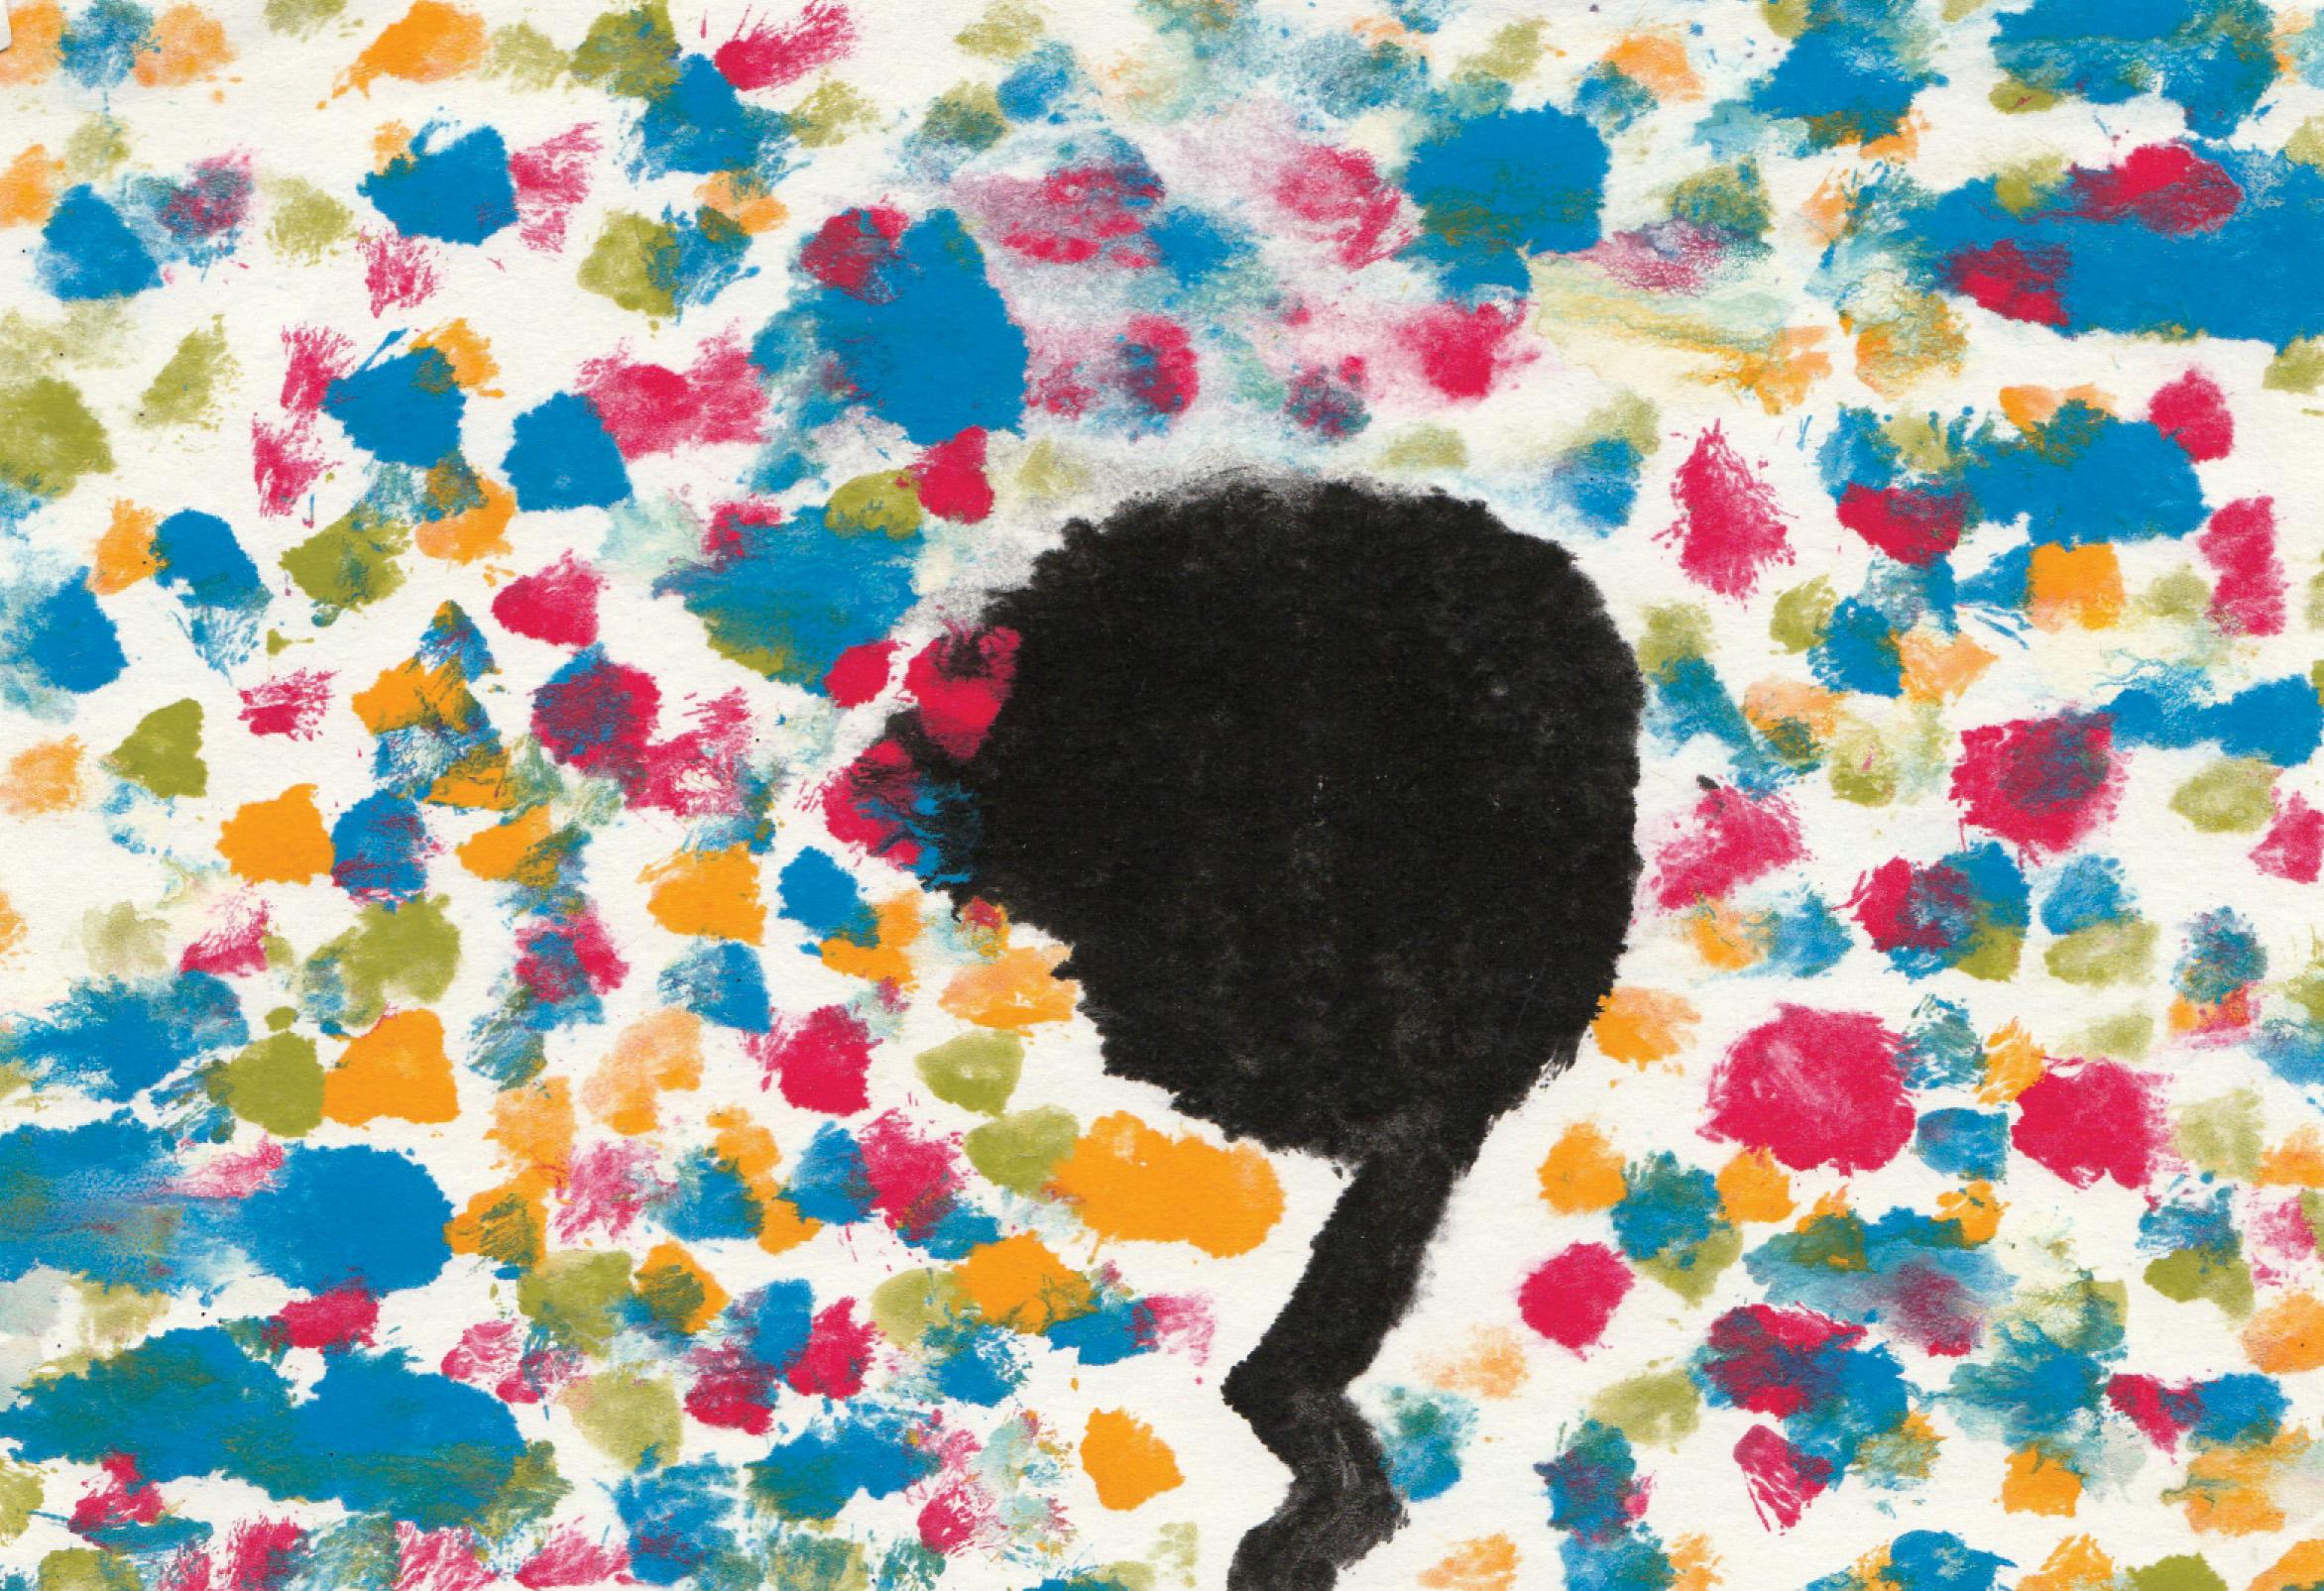 Zīmējuma priekšplānā ir attēlots koka siluets, Fons ir raibs.